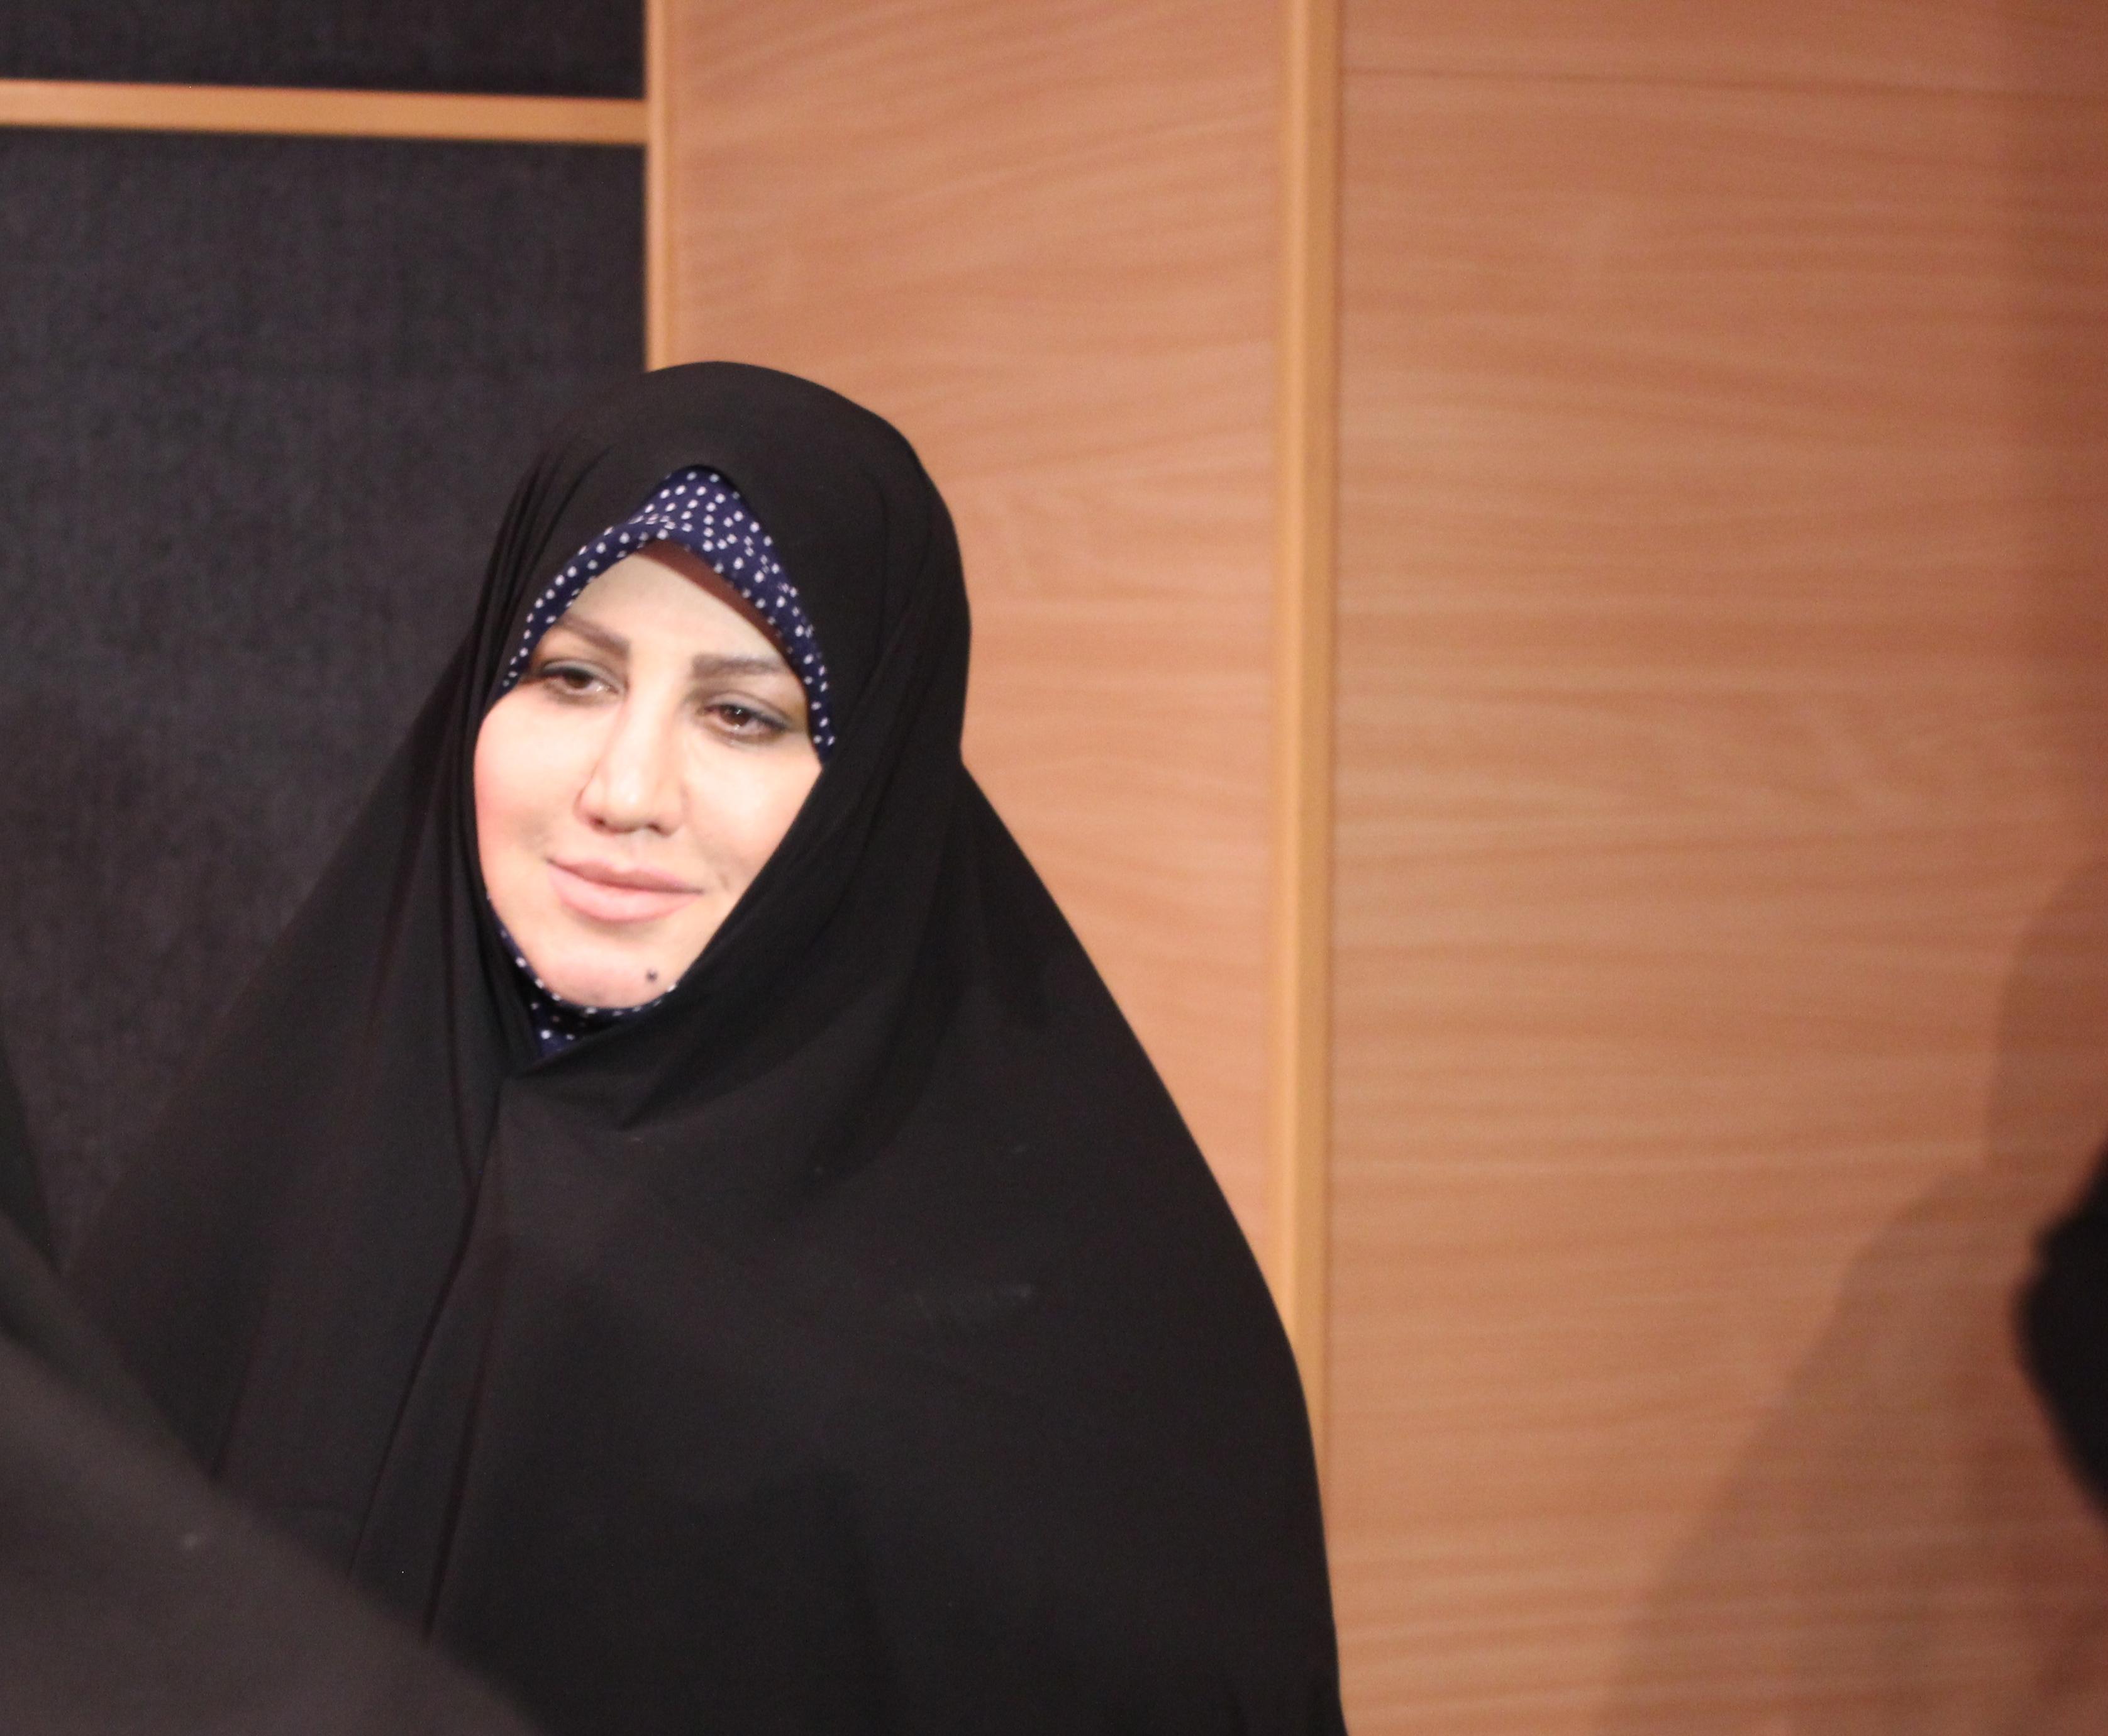 رییس مرکز ملی فرش ایران در گفت وگو با الفبا خبرداد/ استقبال کم نظیر از نمایشگاه فرش با وجود روزهای سخت اقتصادی